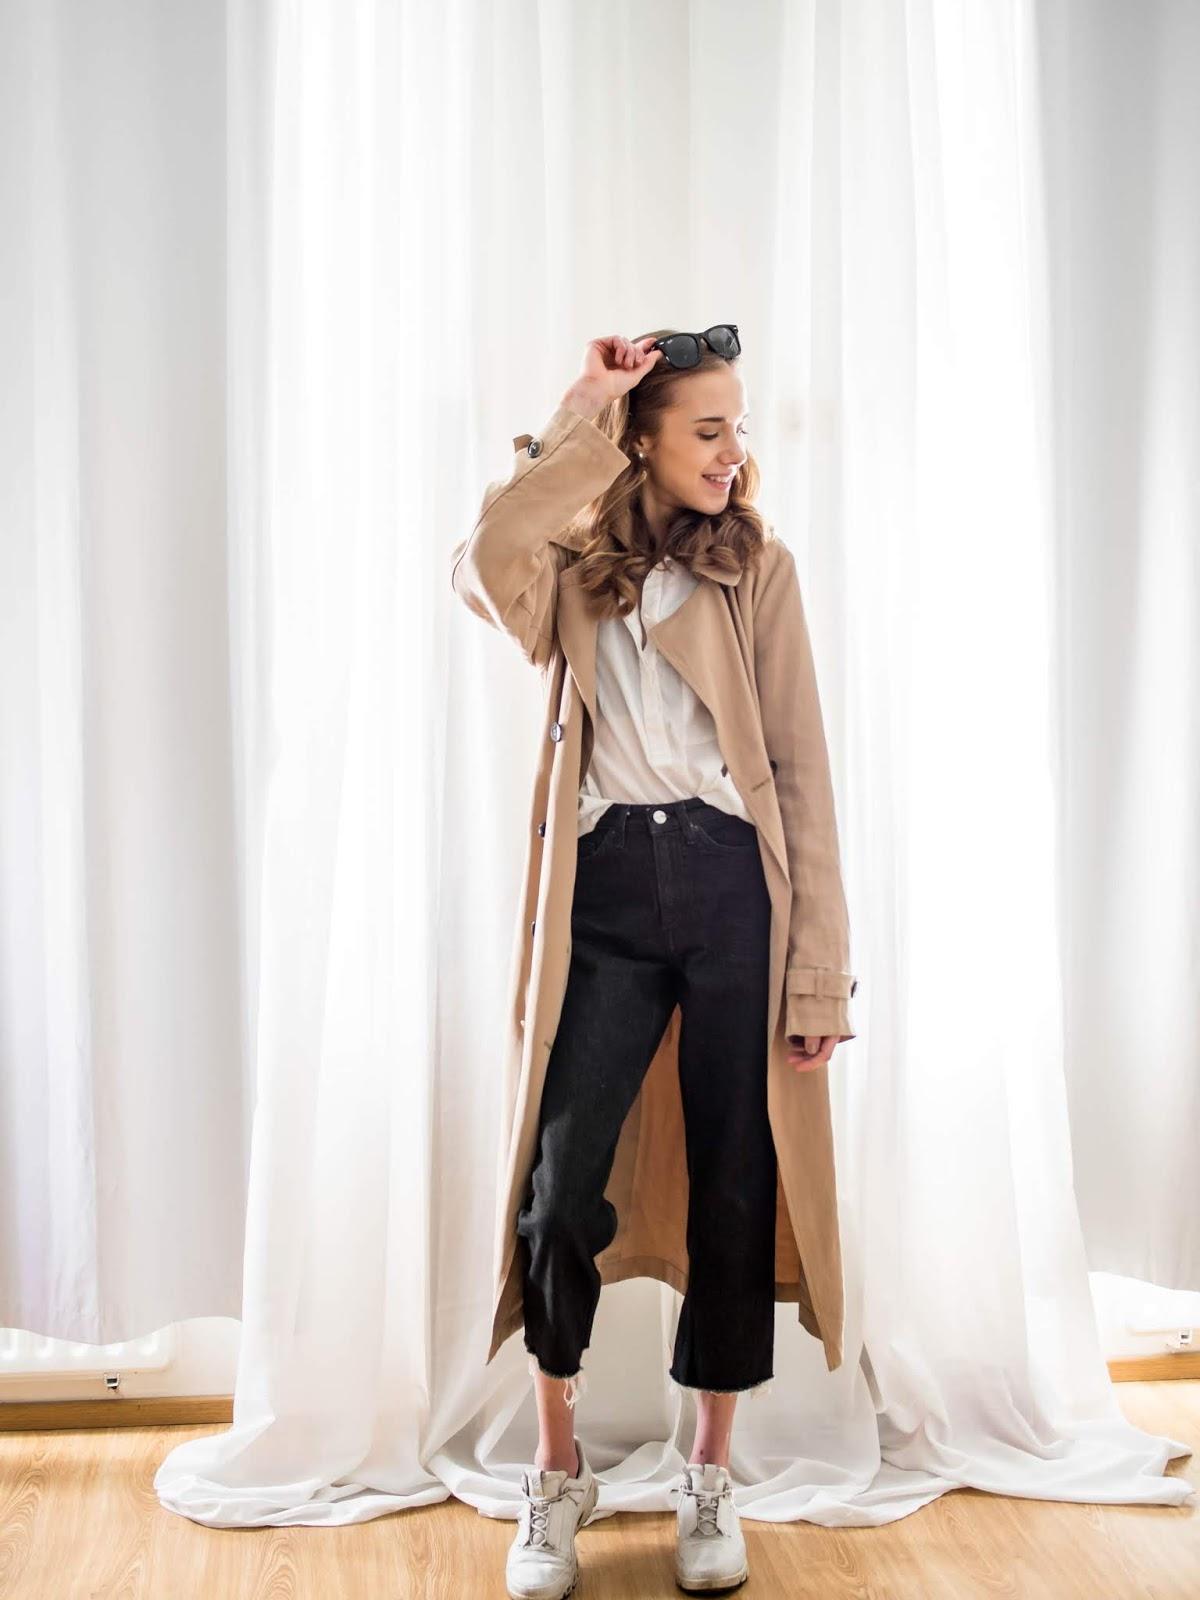 Trench coat outfit, Scandinavian fashion/style blogger - Asu trenssitakin kanssa, muoti-/tyylibloggaaja, Skandinavia